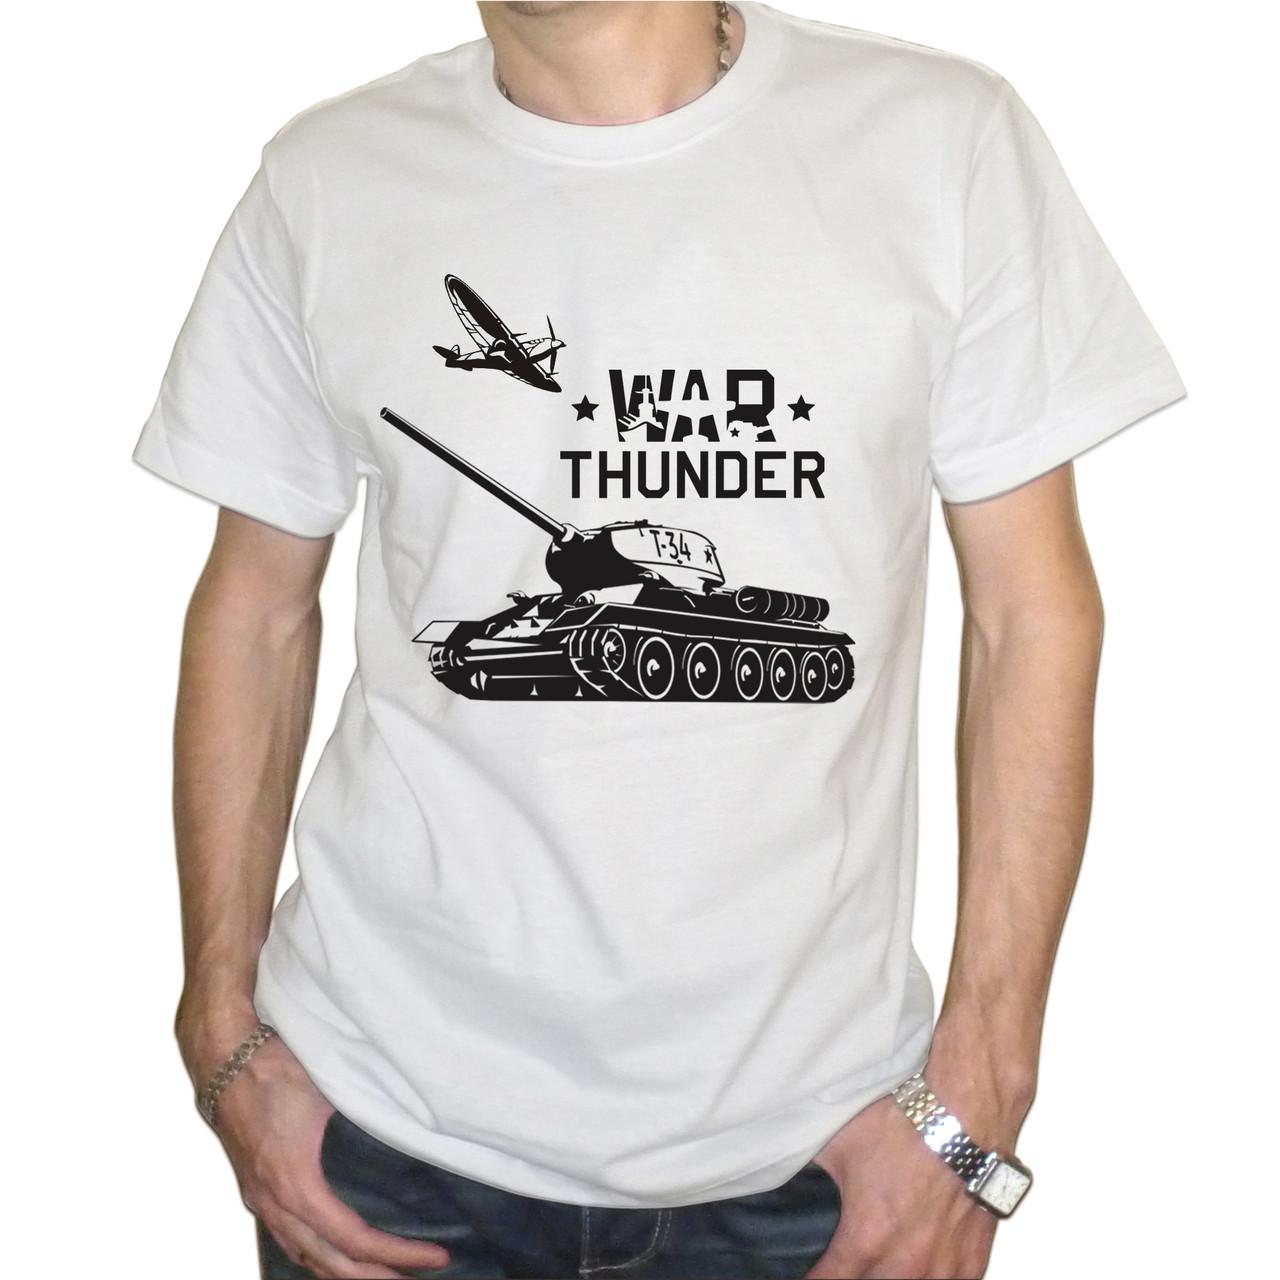 вар тандер футболка